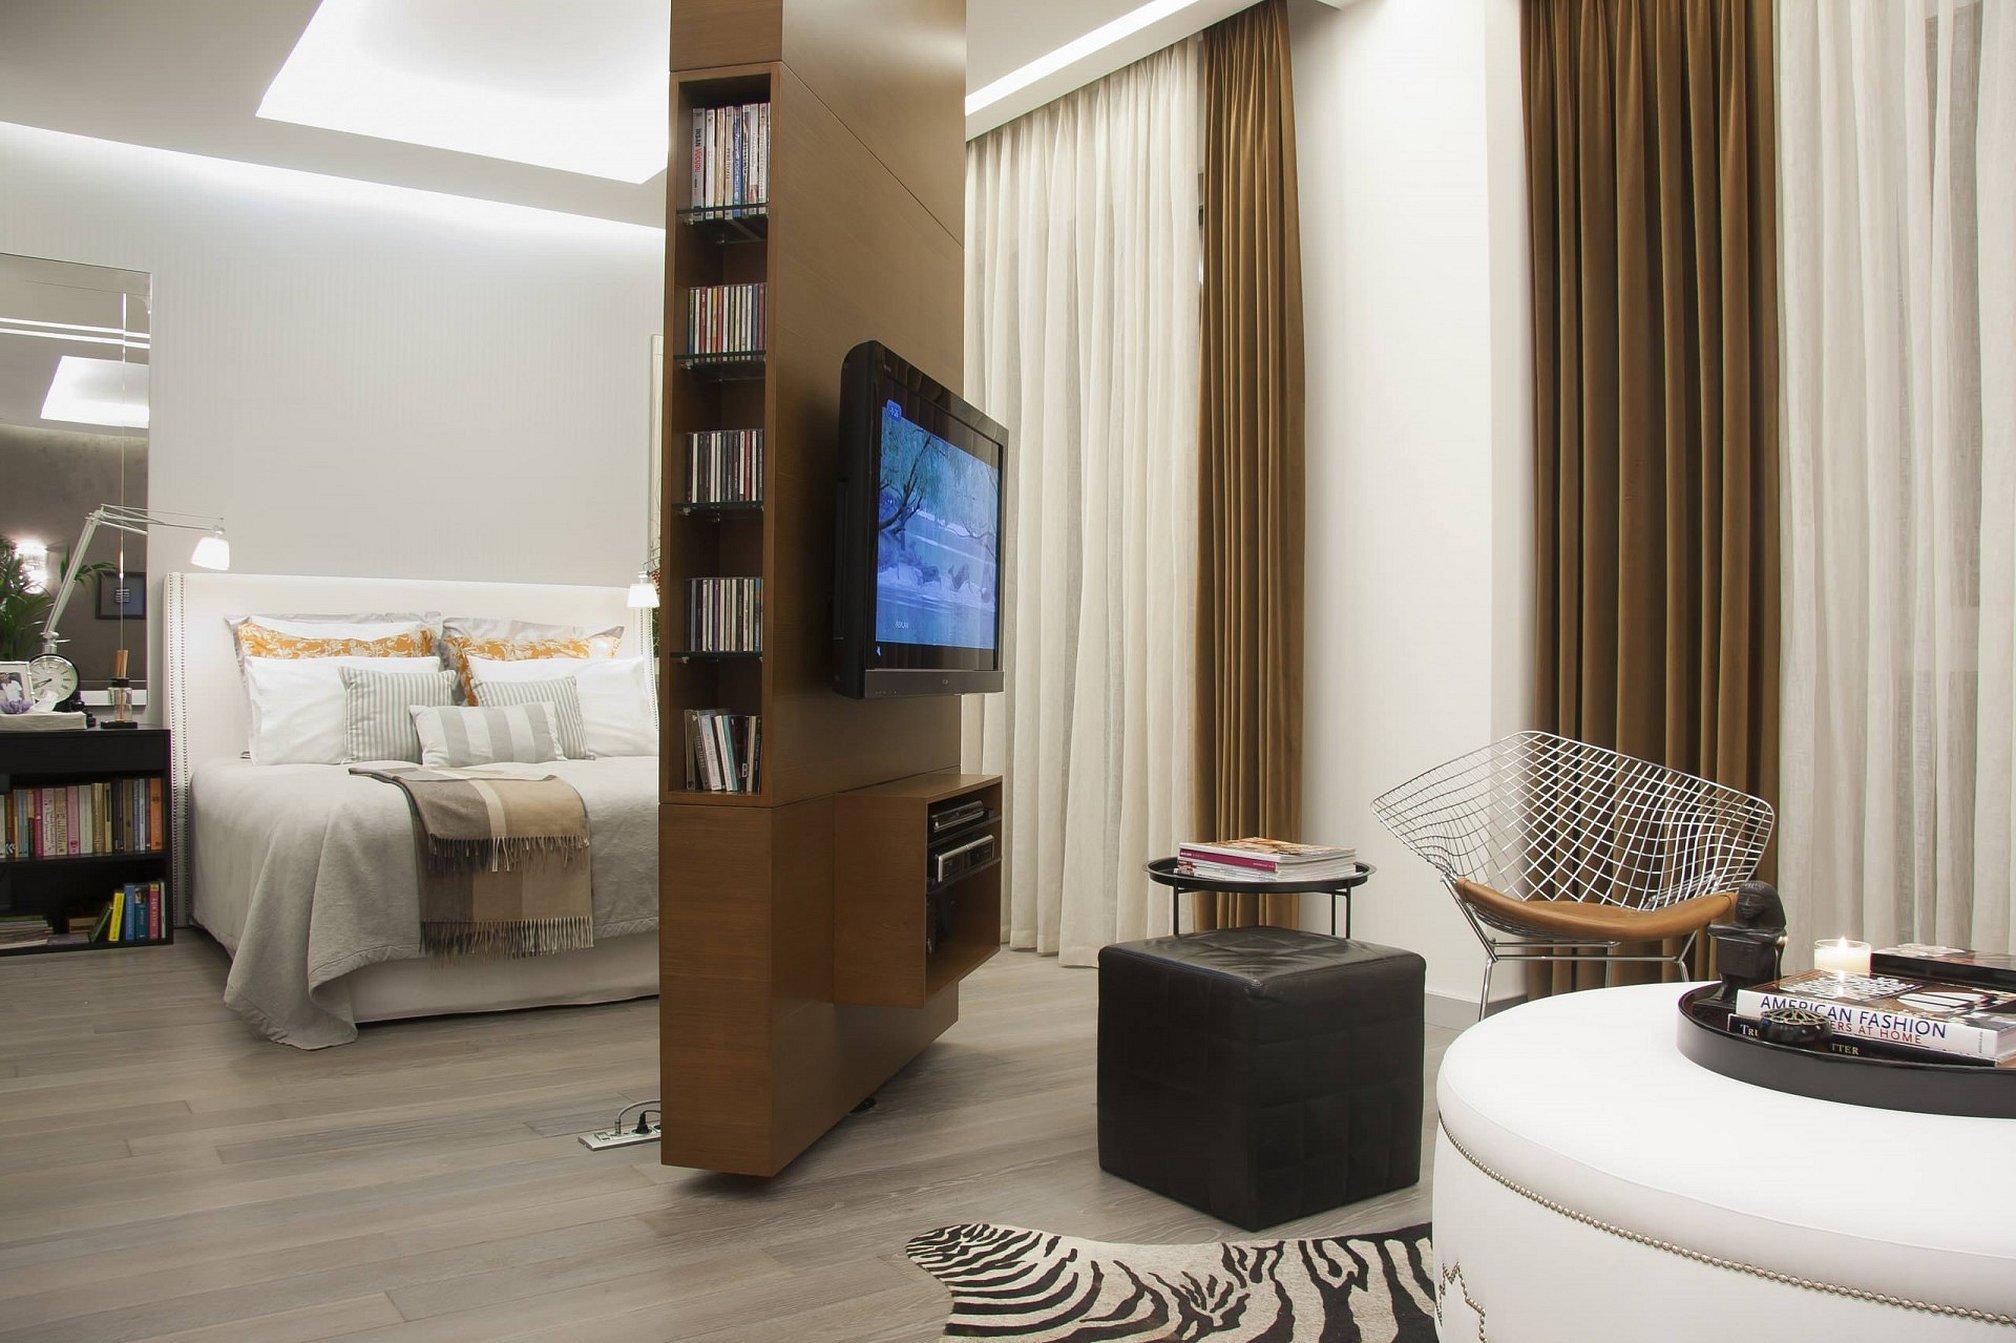 Перегородка для зонирования спальни и гостиной с телевизором